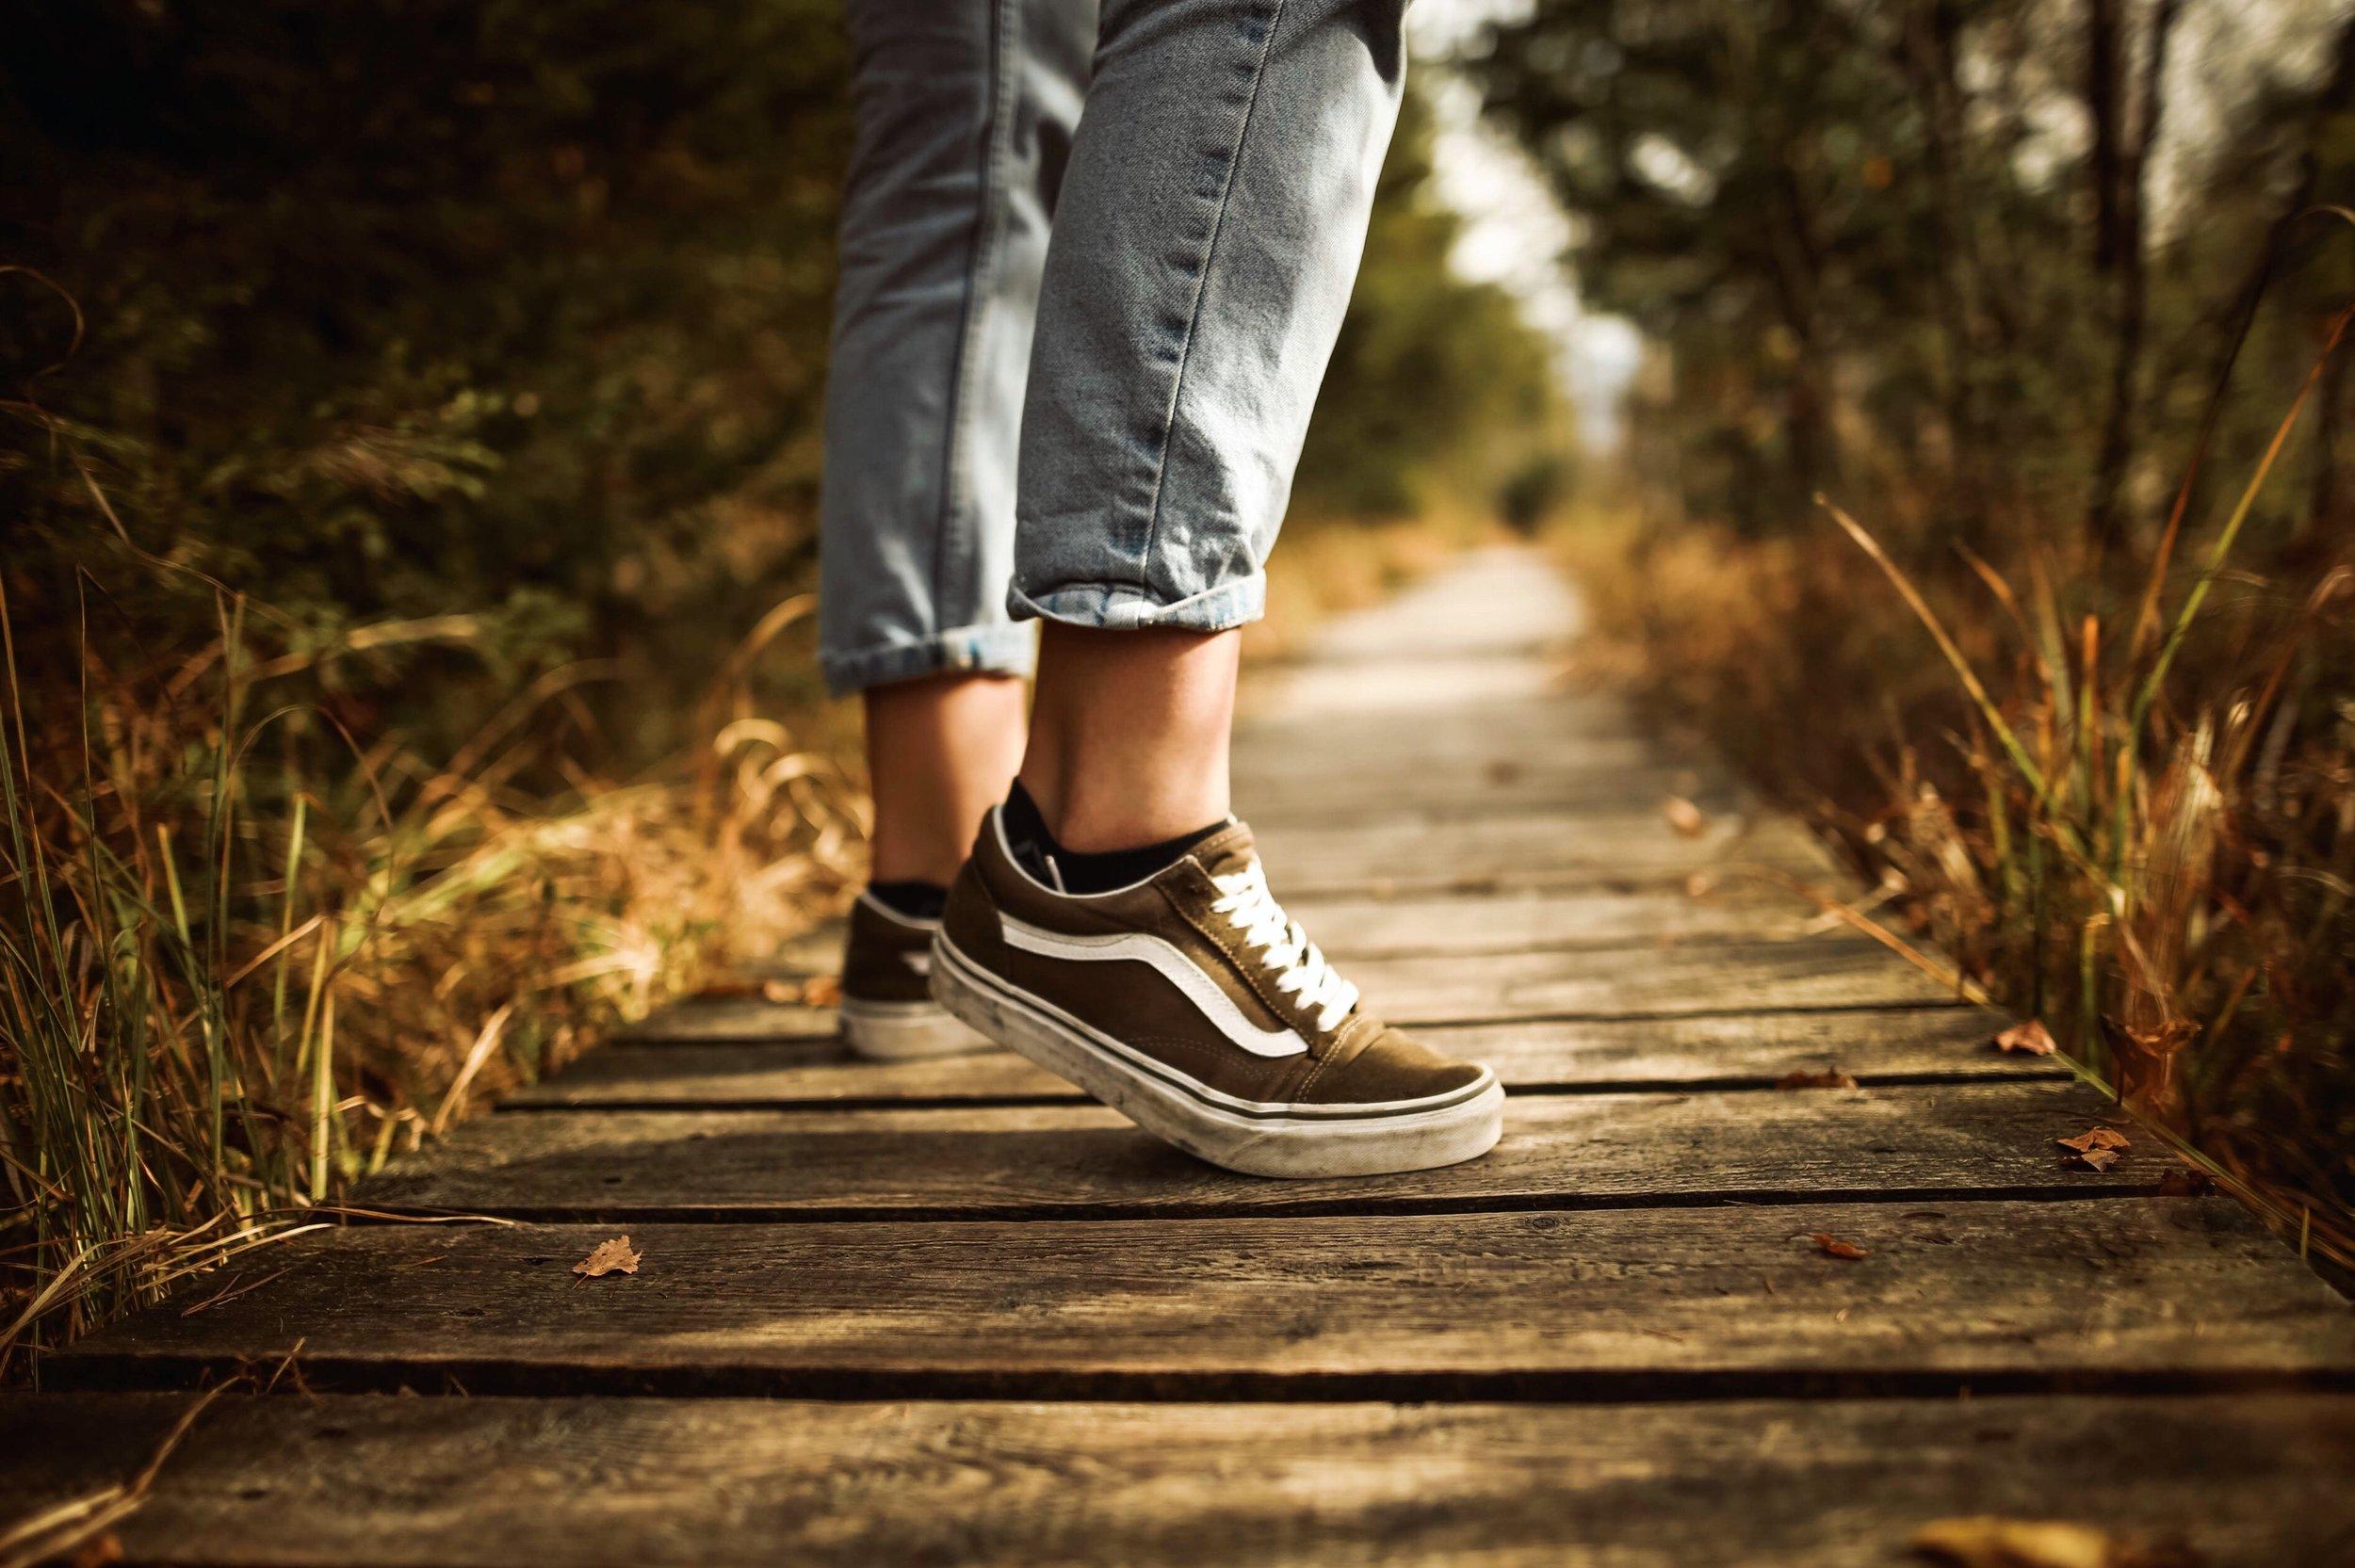 fashion-footwear-grass-631988.jpg